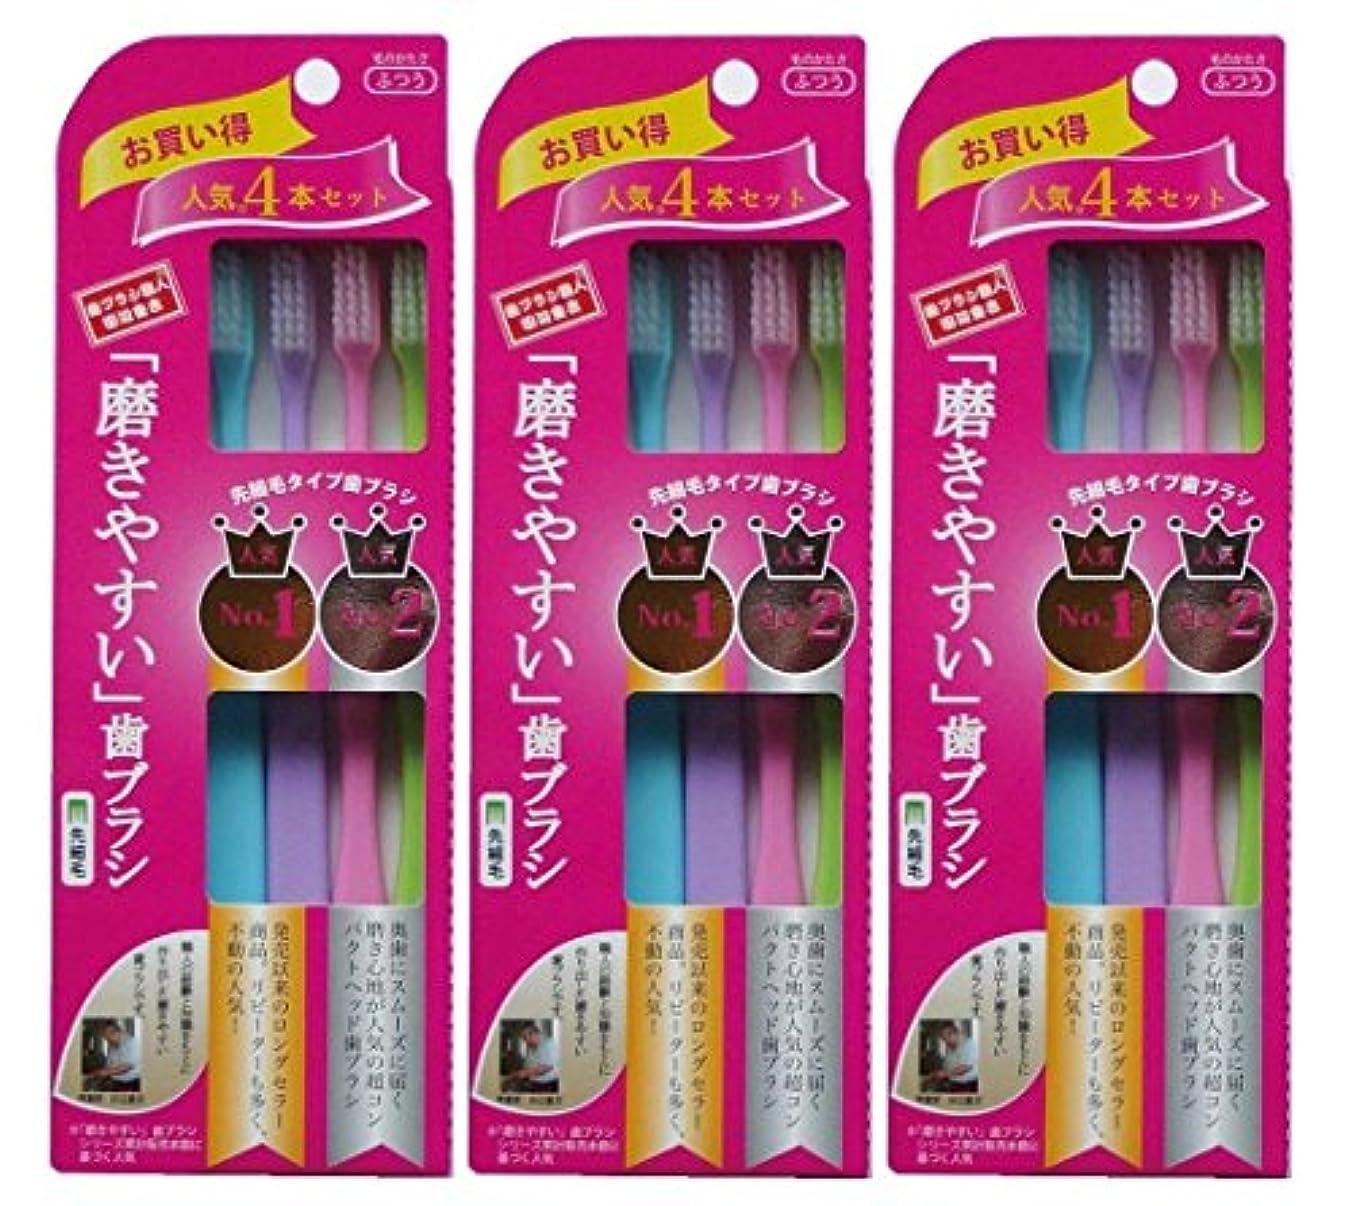 治世ぶら下がる加速度磨きやすい歯ブラシ 人気 No.1 No.2 先細毛 LT-21 4本組×3個セット